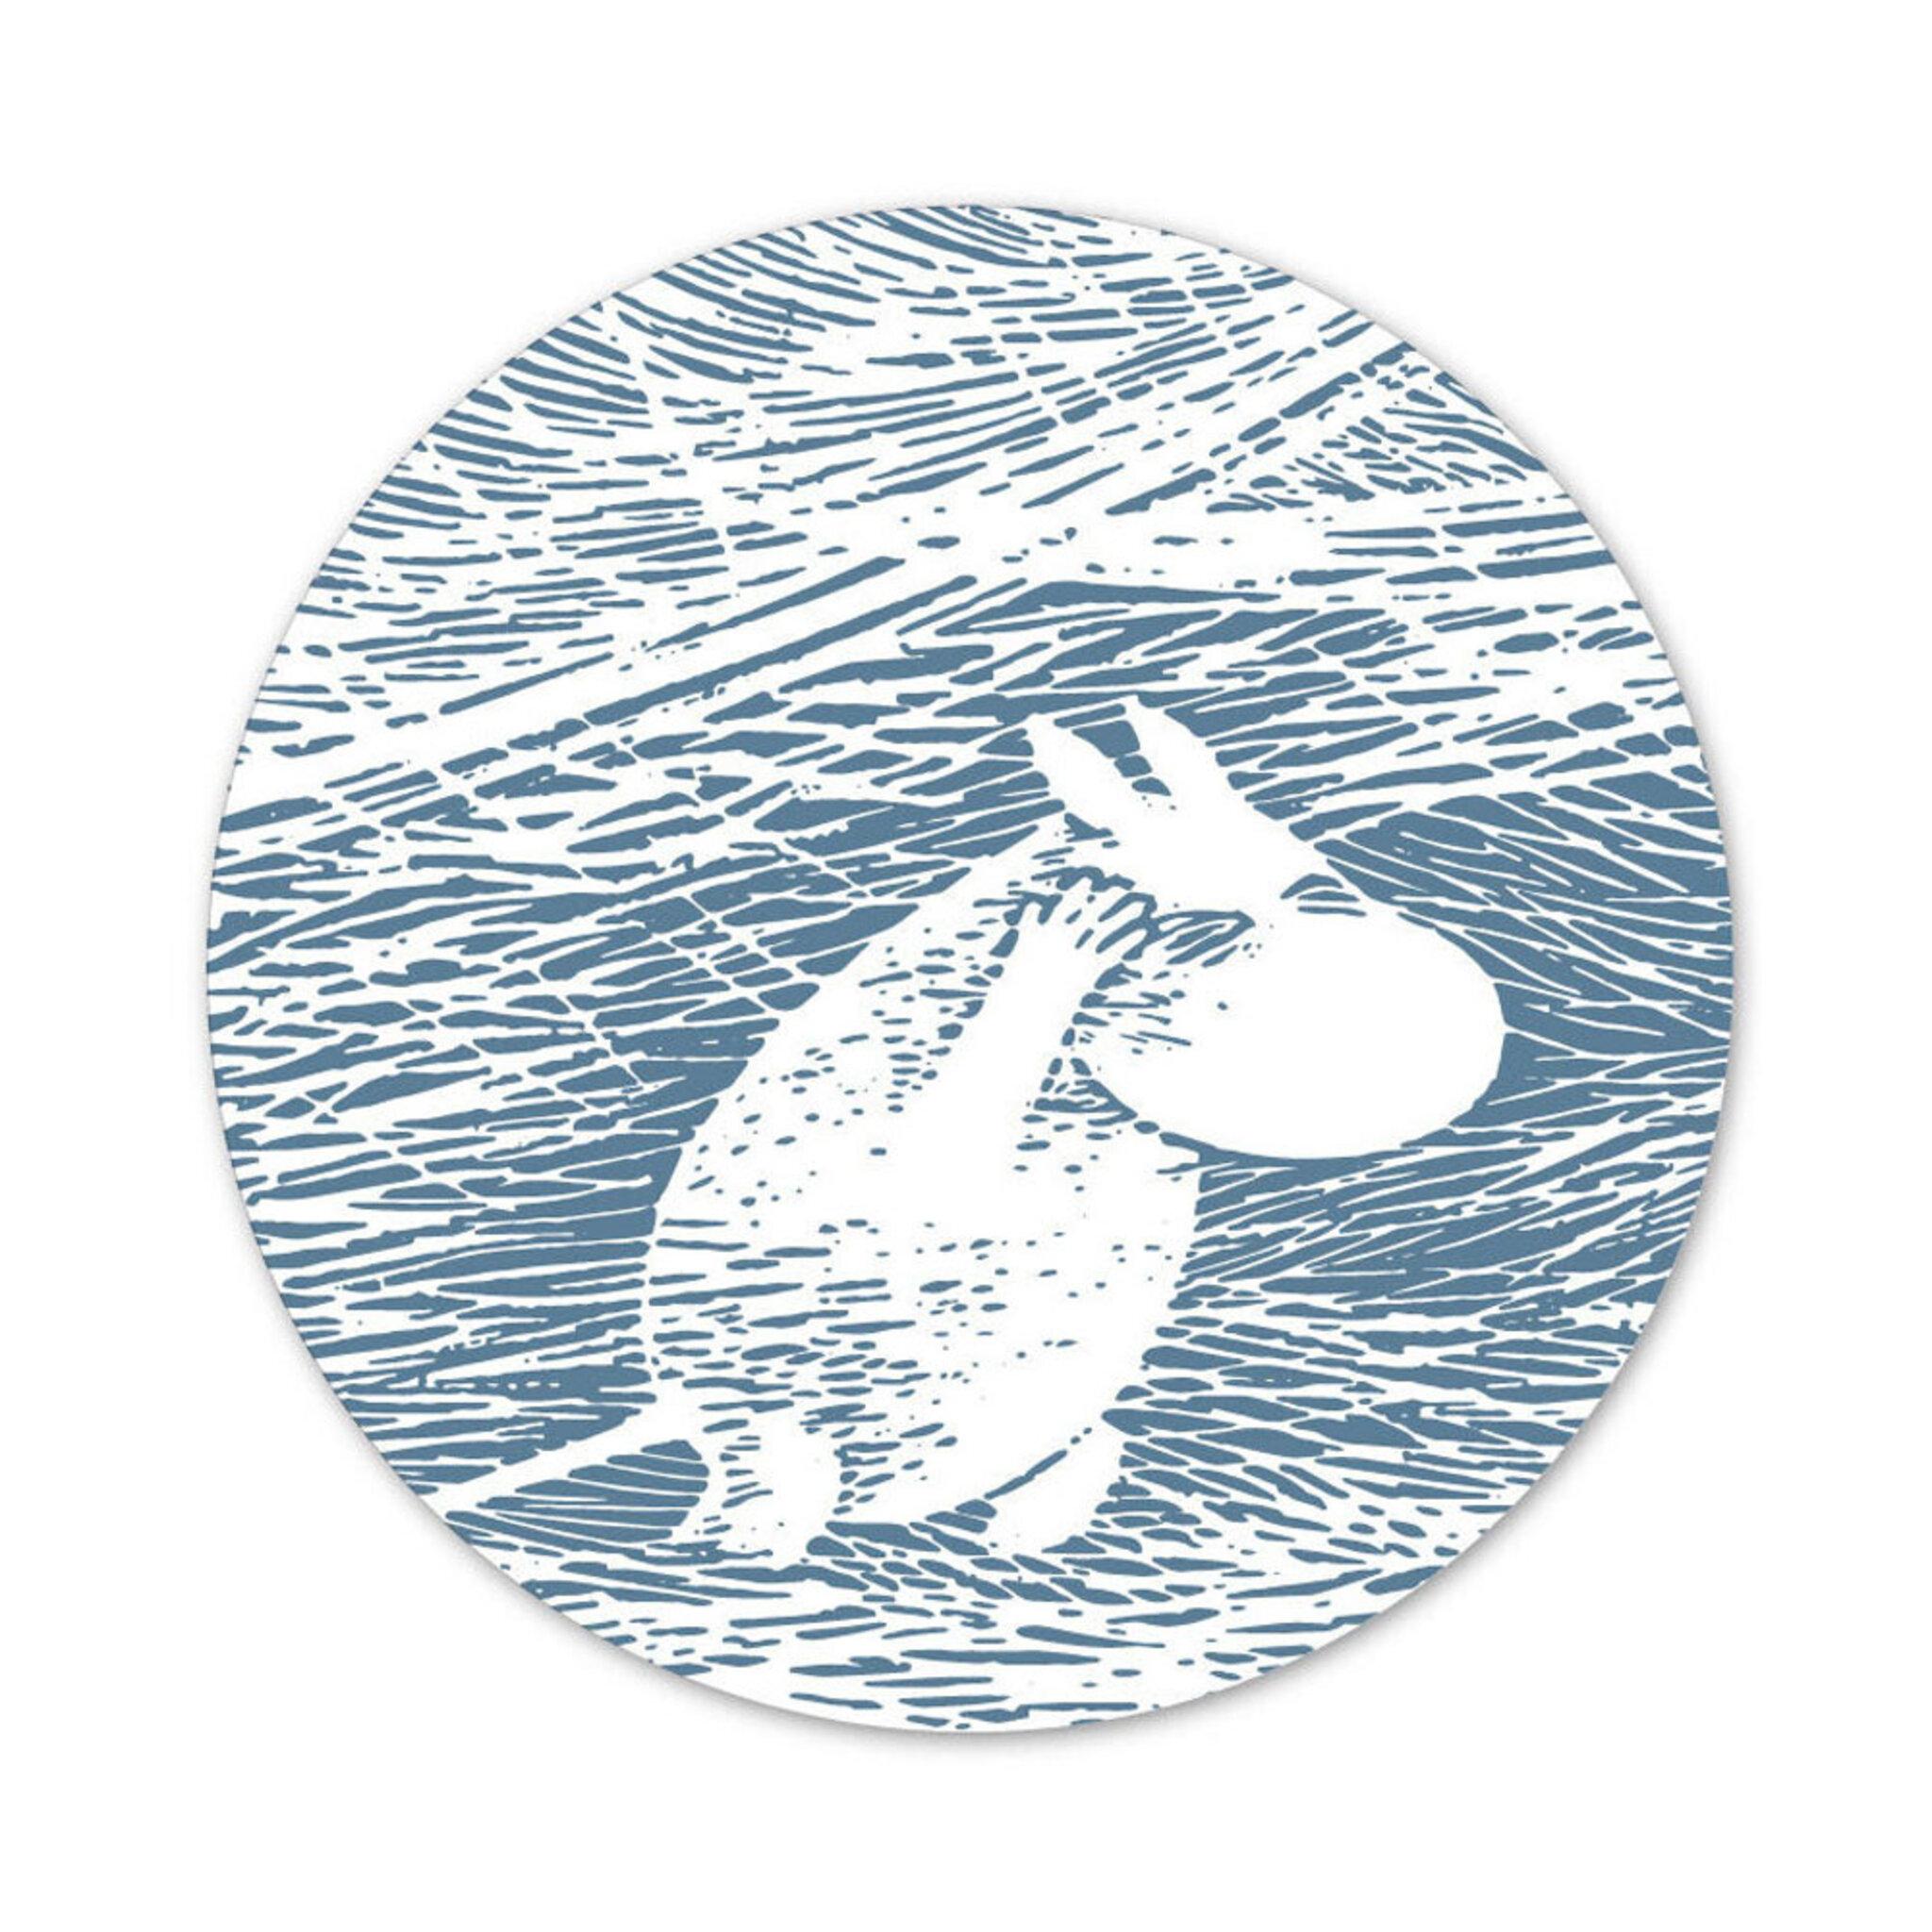 Grytunderlägg – Mumin Vinter 2020 – 21 cm 21 CM